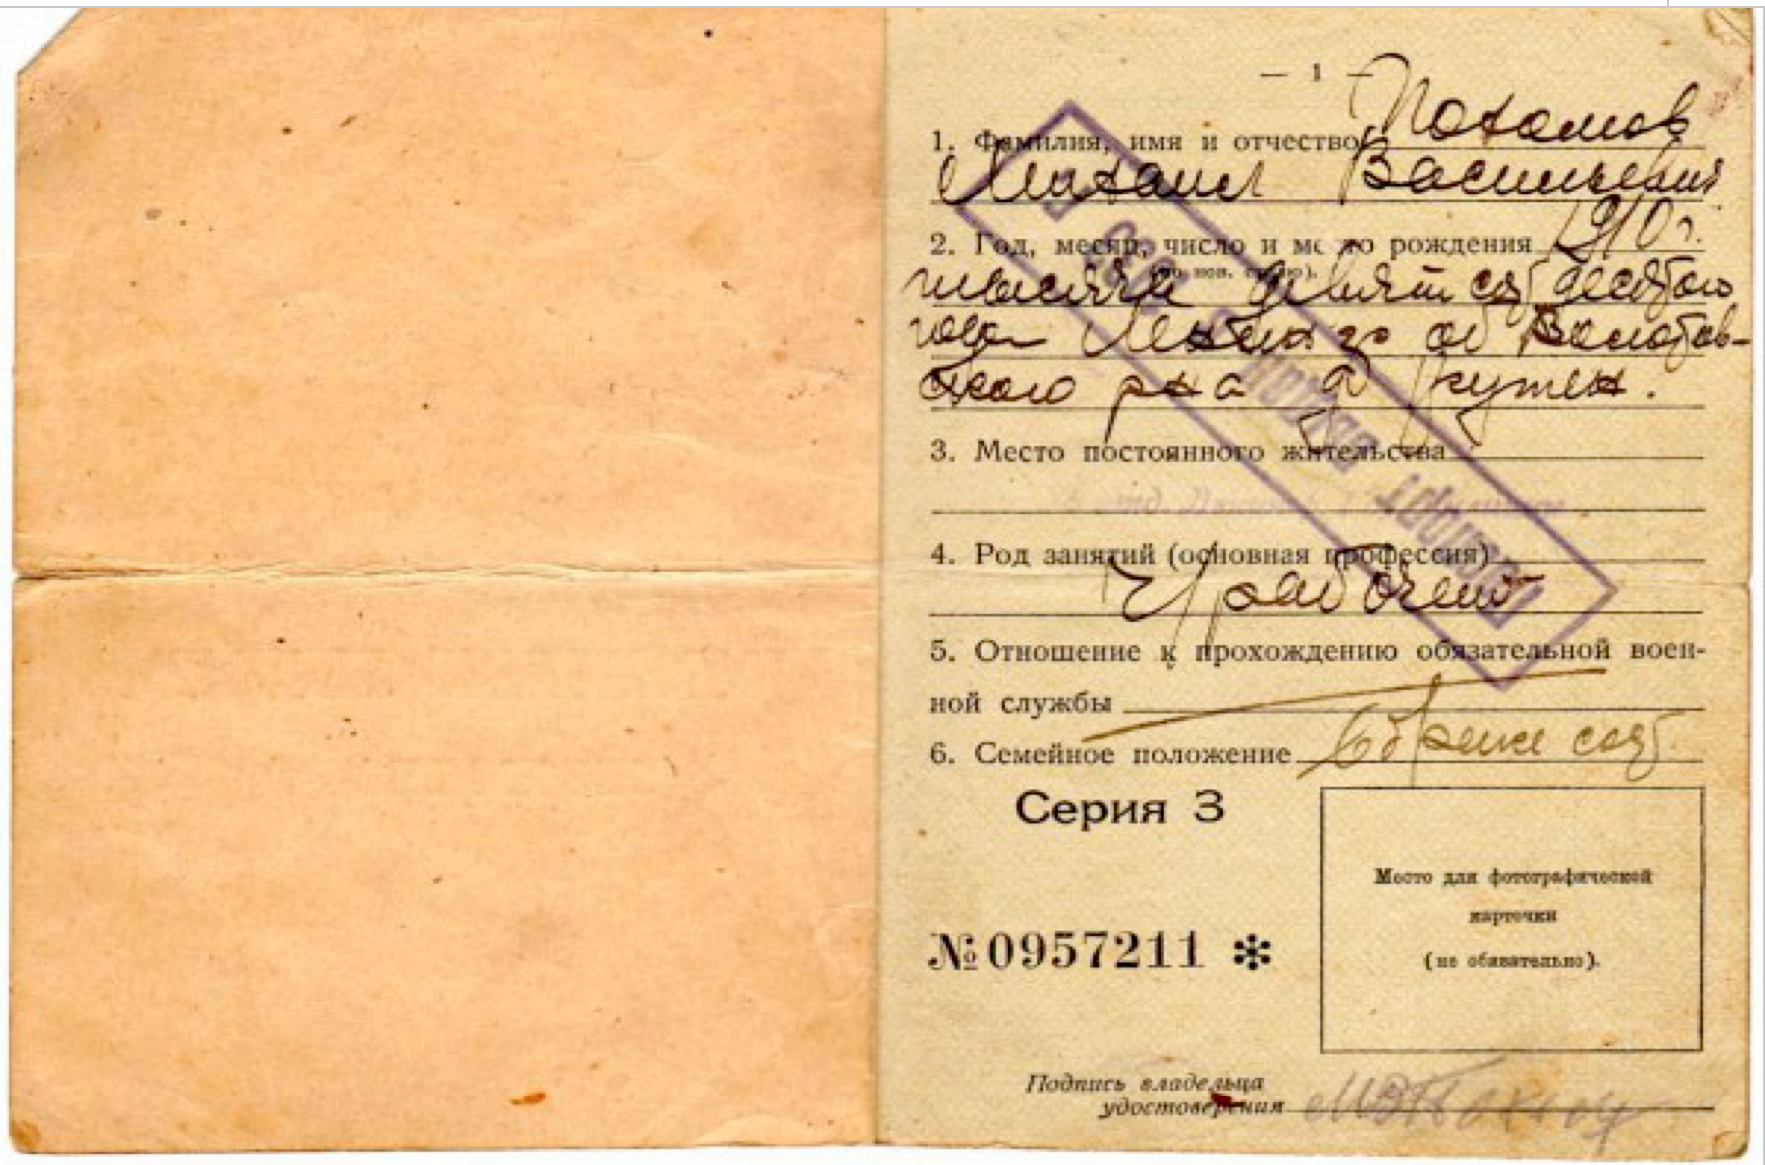 удостоверение личности крестьянина3